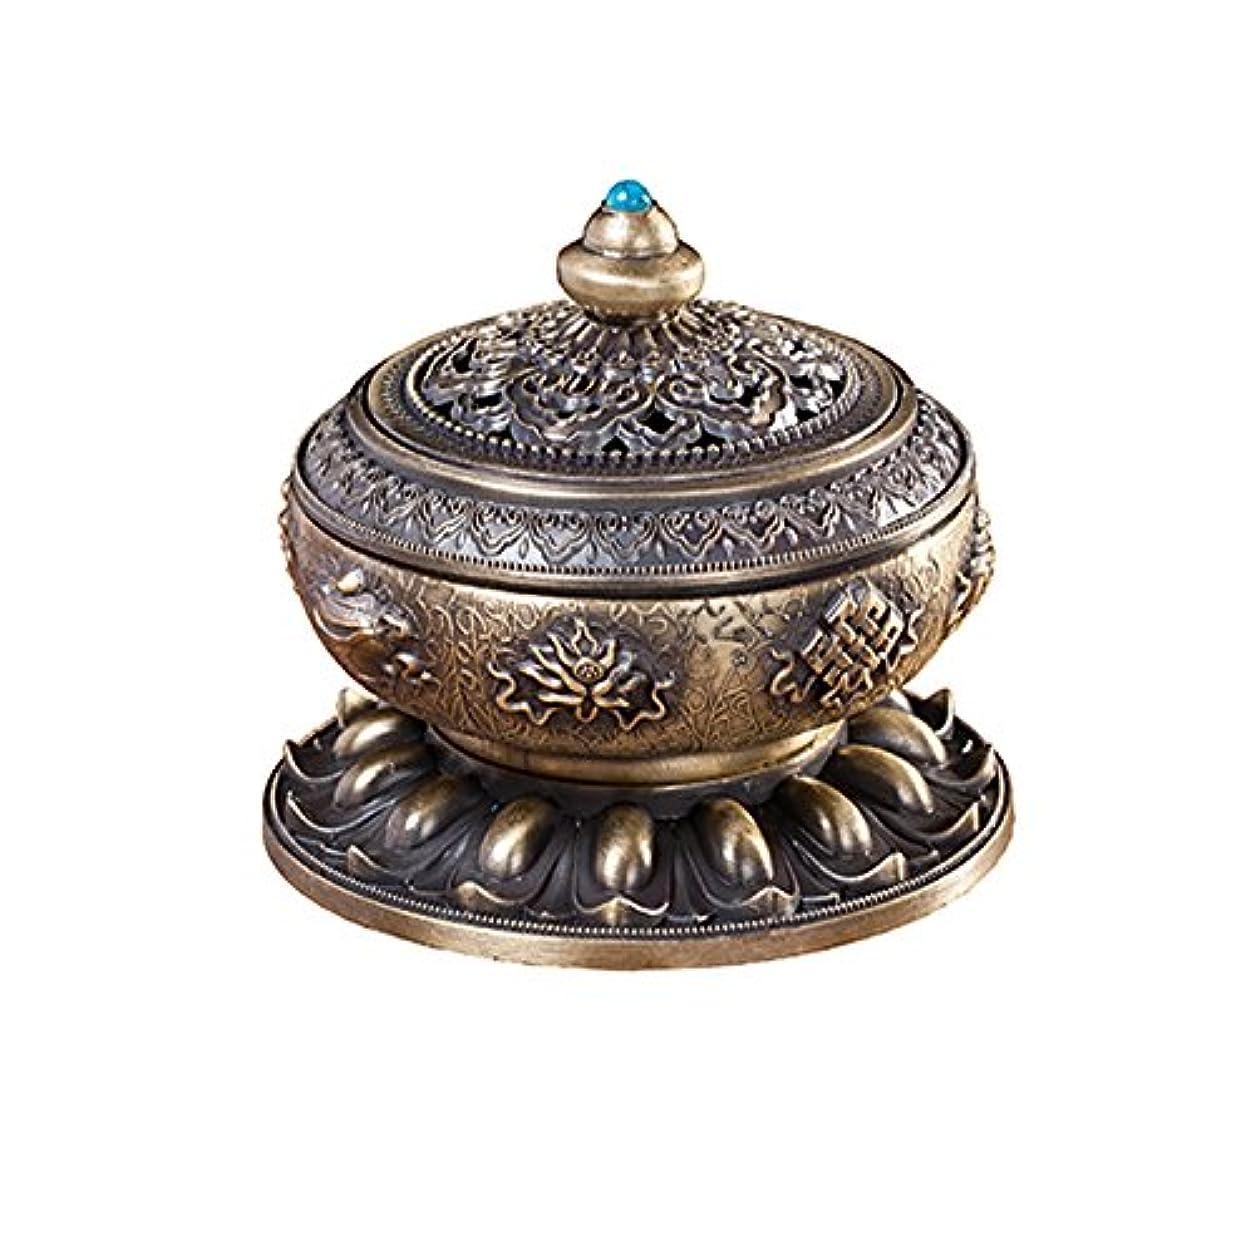 広々バリア花弁BUYSEEY 家用 アロマ香炉 青銅 ブロンズ 丸香炉 お香立て 渦巻き線香 などに 香立て付き (S)